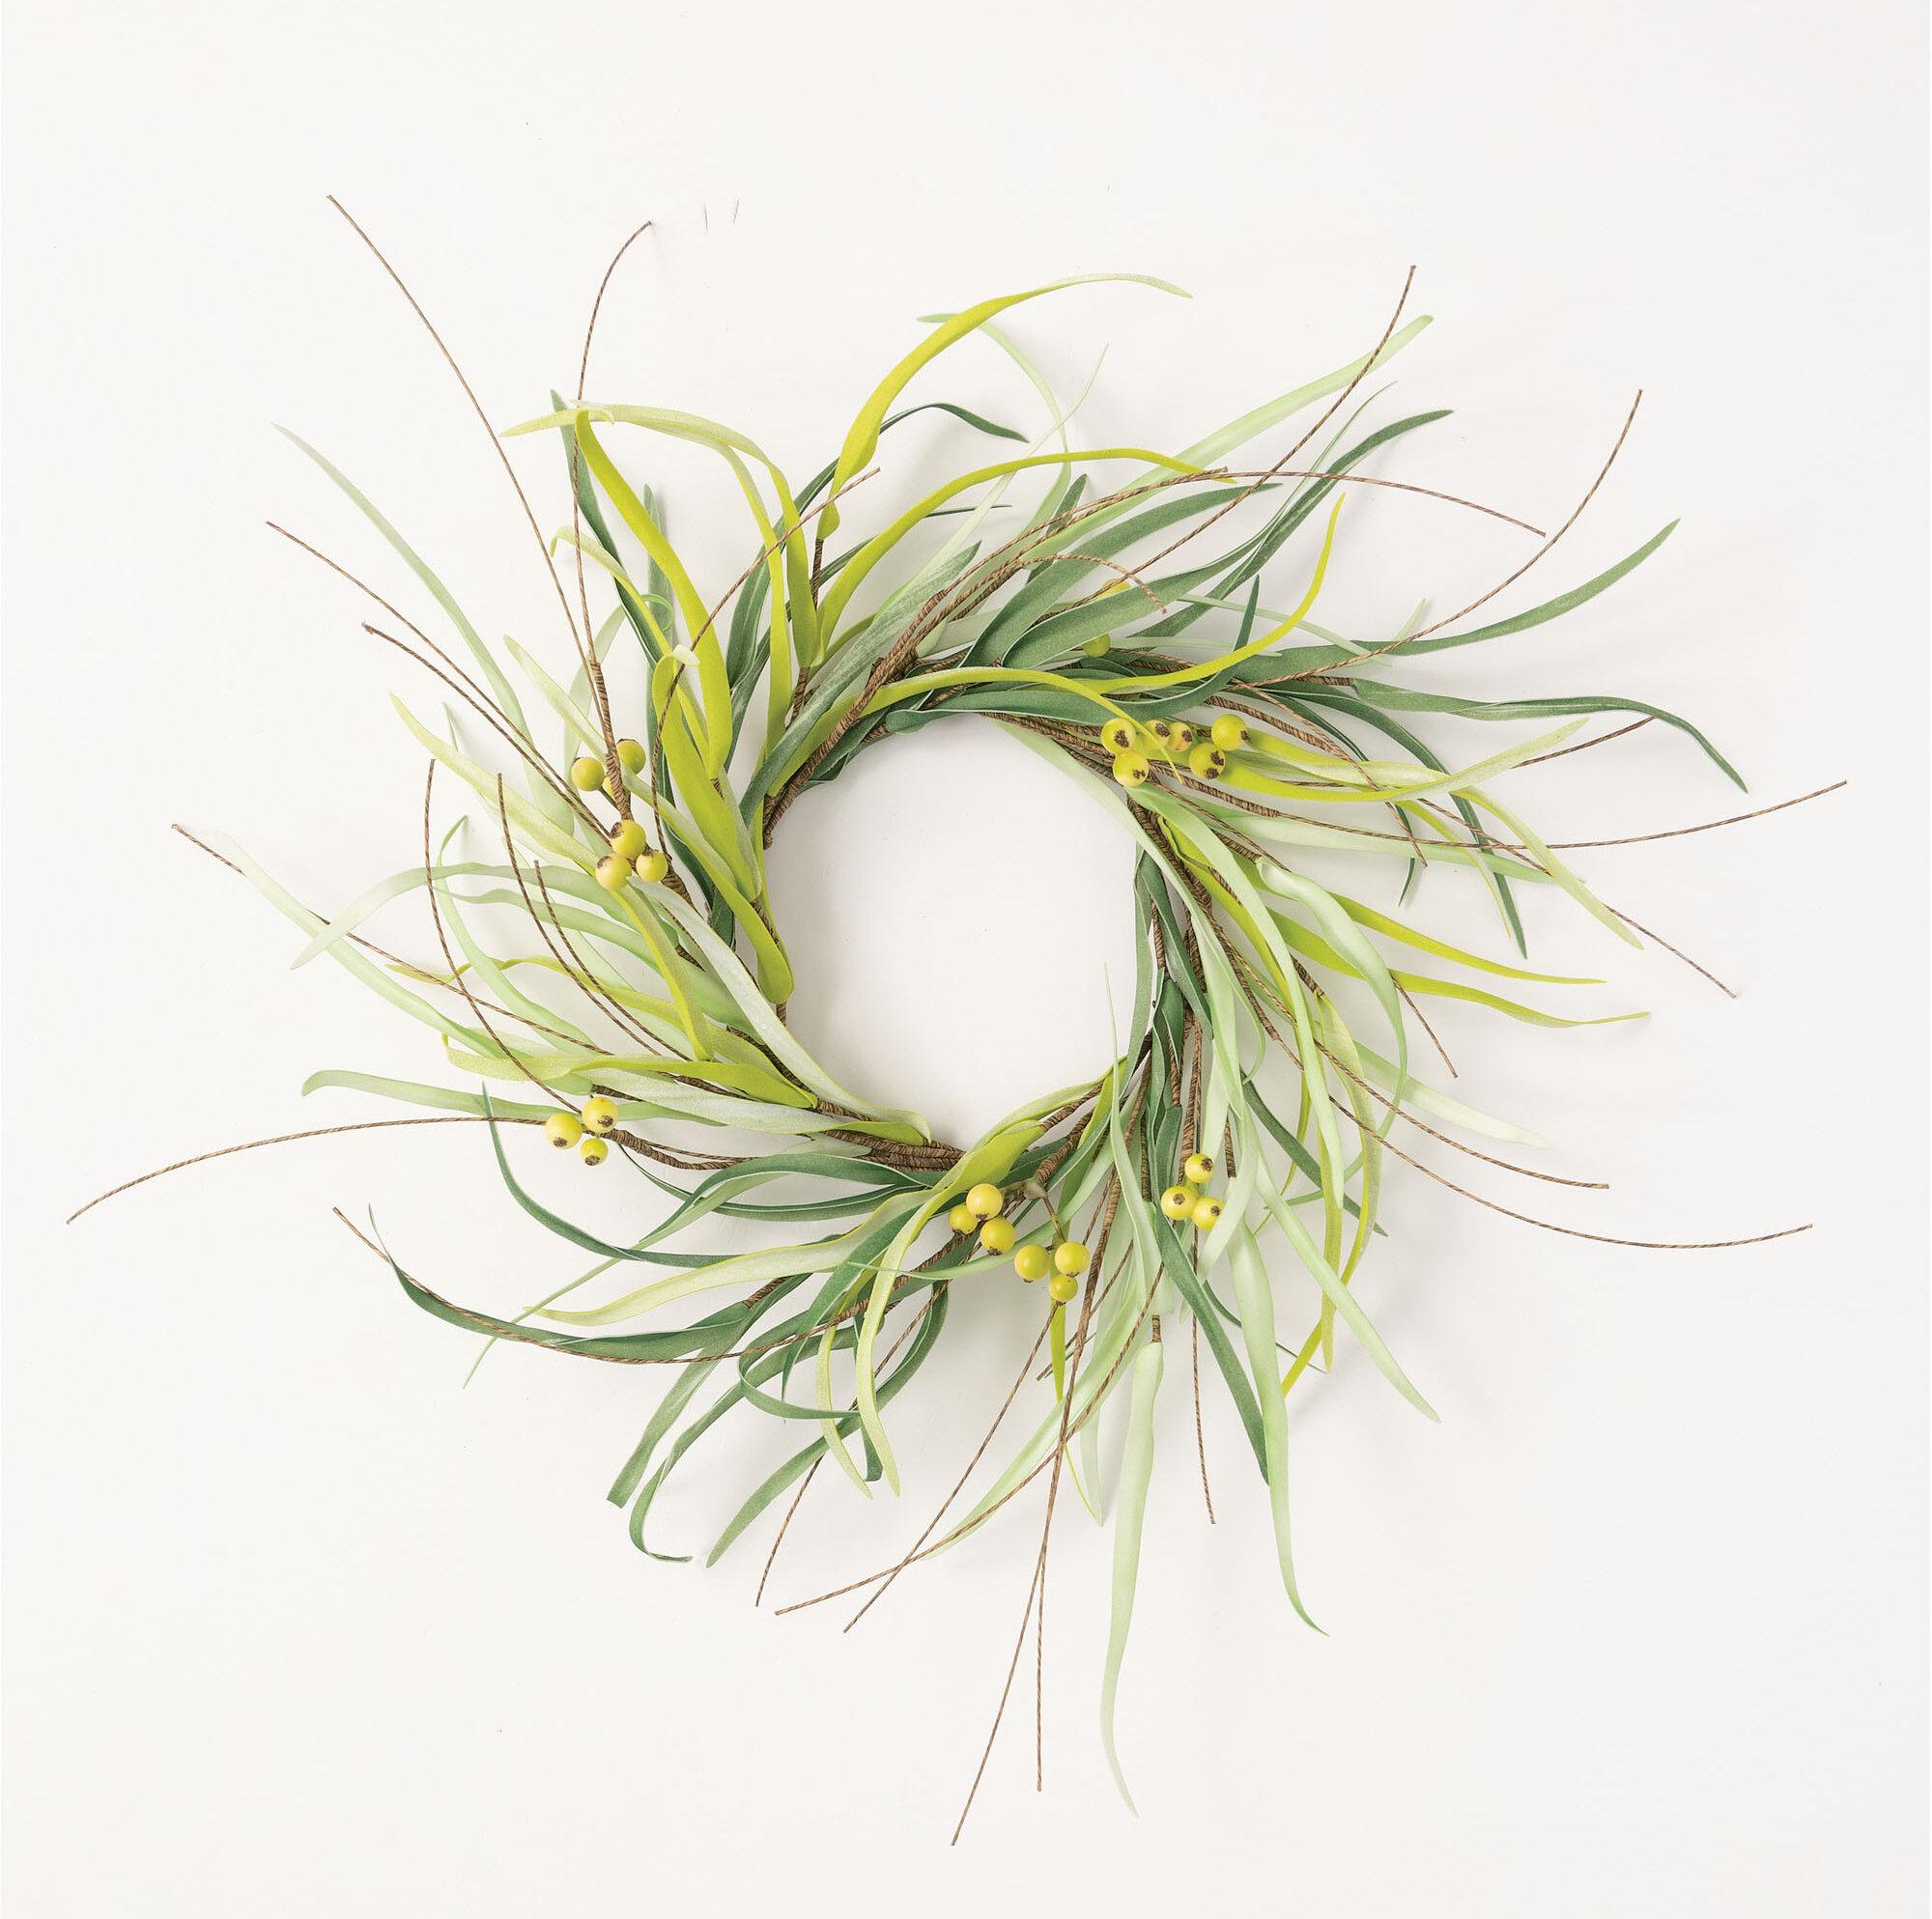 Gracie Oaks Grass And Berry Ring 20 Foam Wreath Wayfair